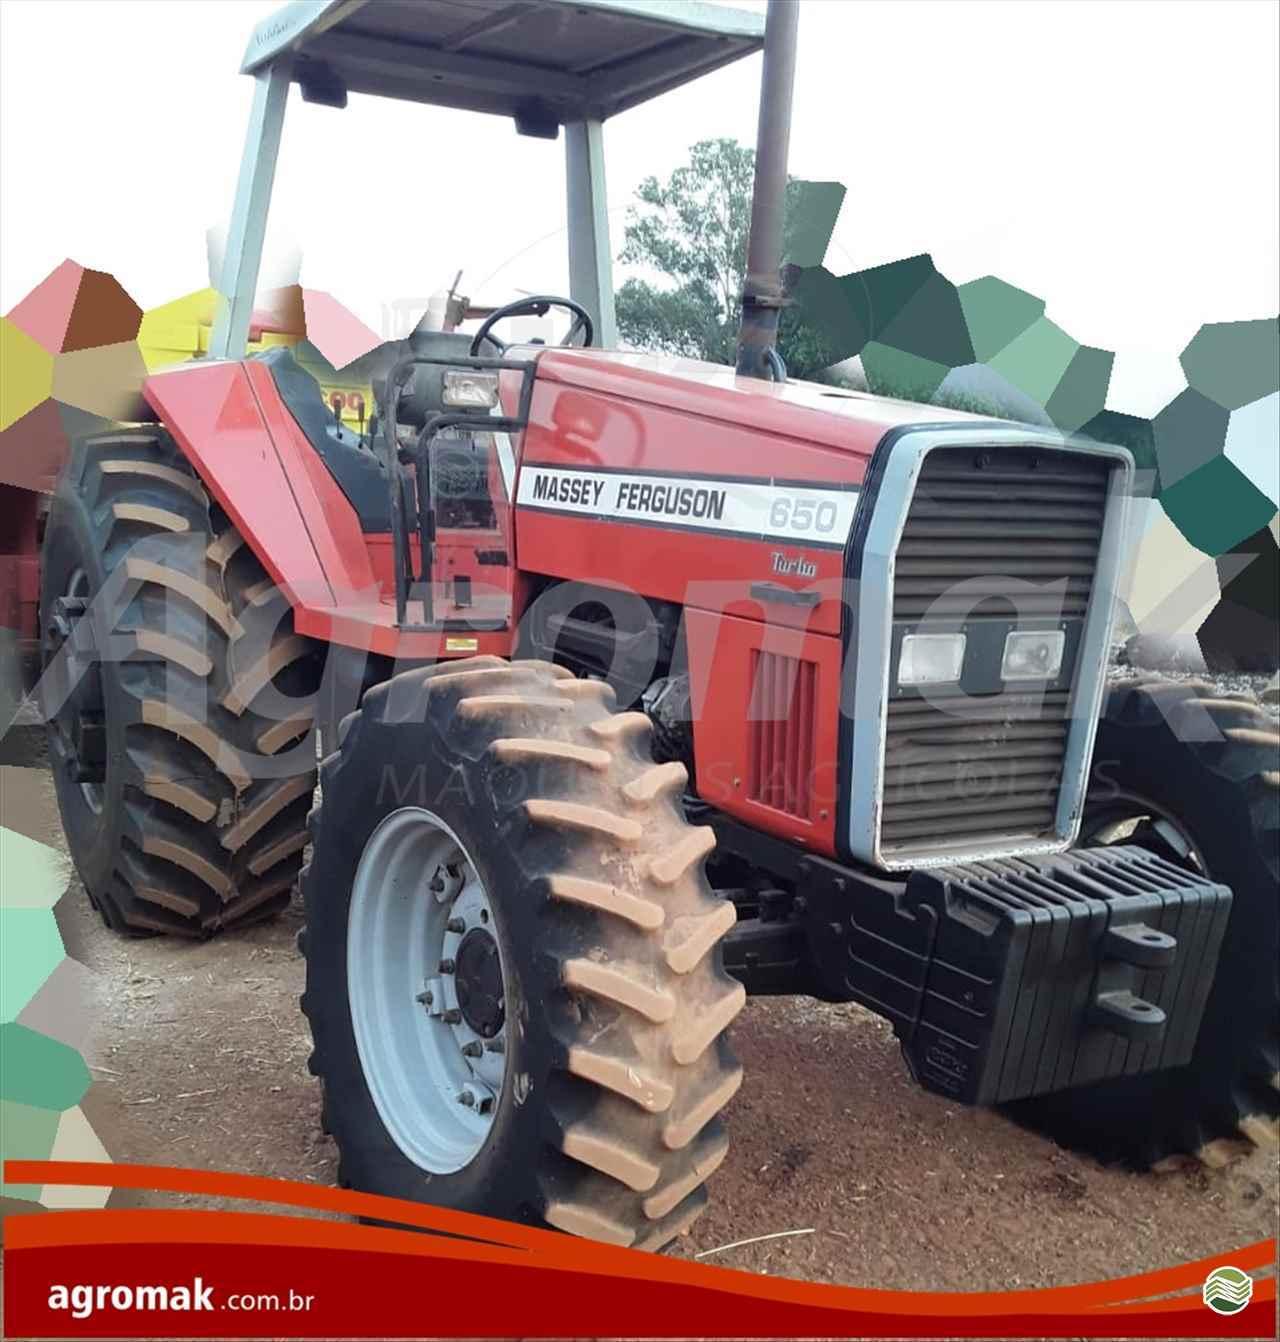 TRATOR MASSEY FERGUSON MF 650 Tração 4x4 Agromak Máquinas Agrícolas CAMPO VERDE MATO GROSSO MT